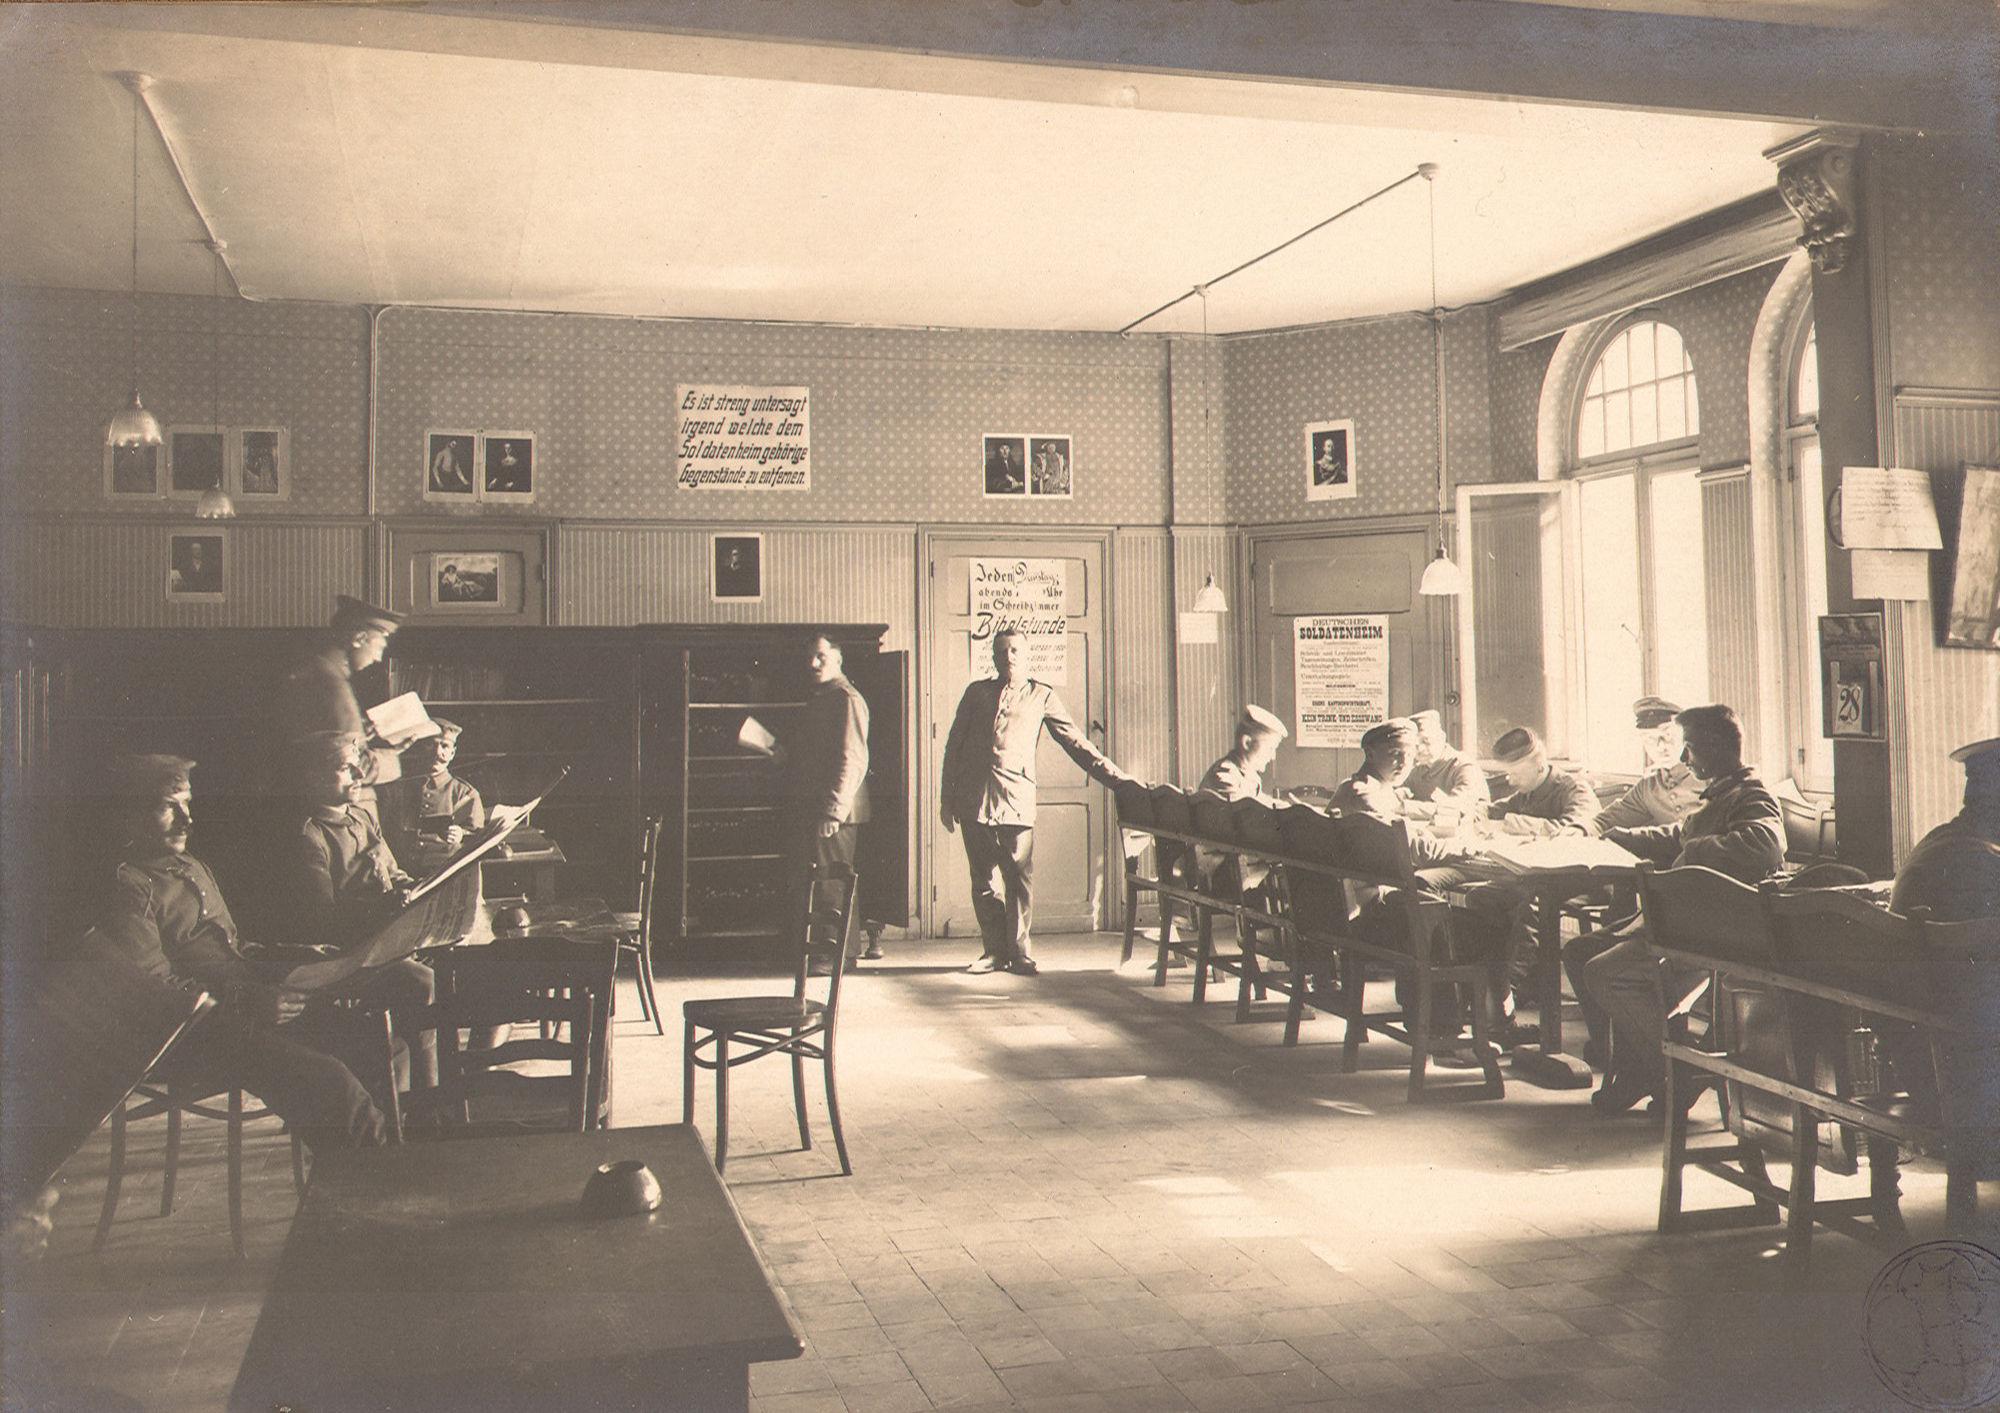 Soldatenheim I in 1916